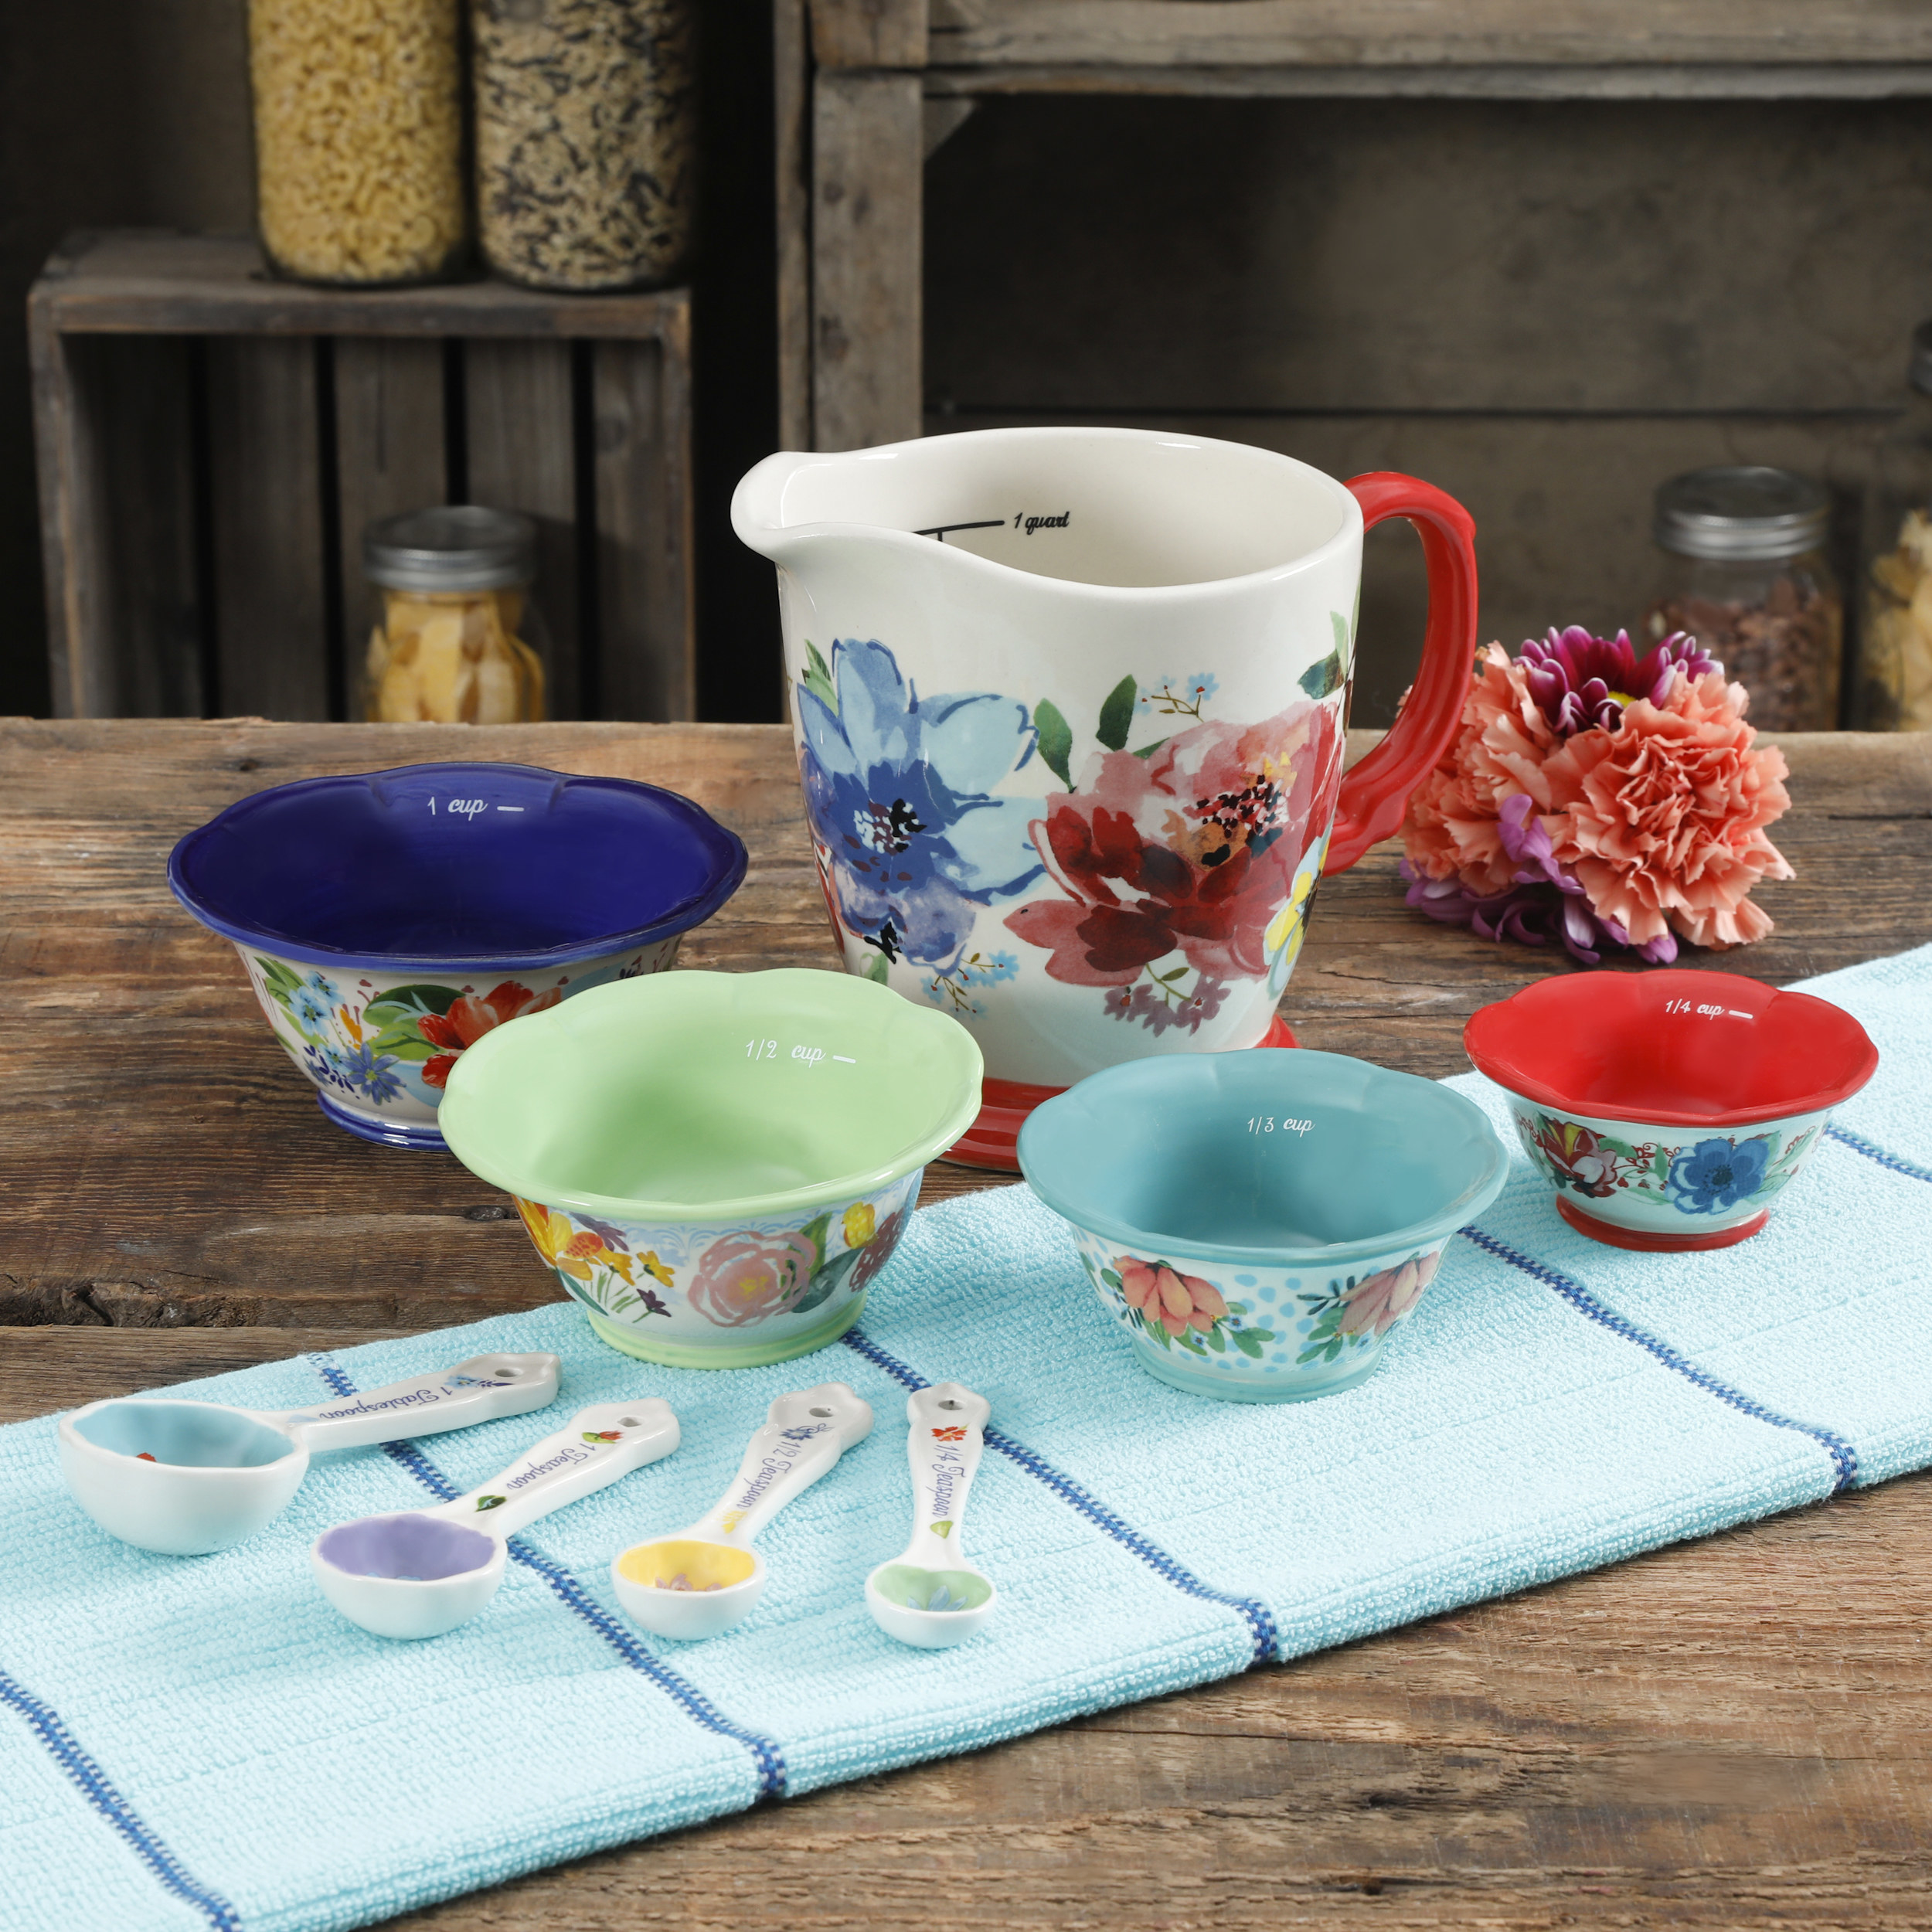 The colorful, floral prep bowl set